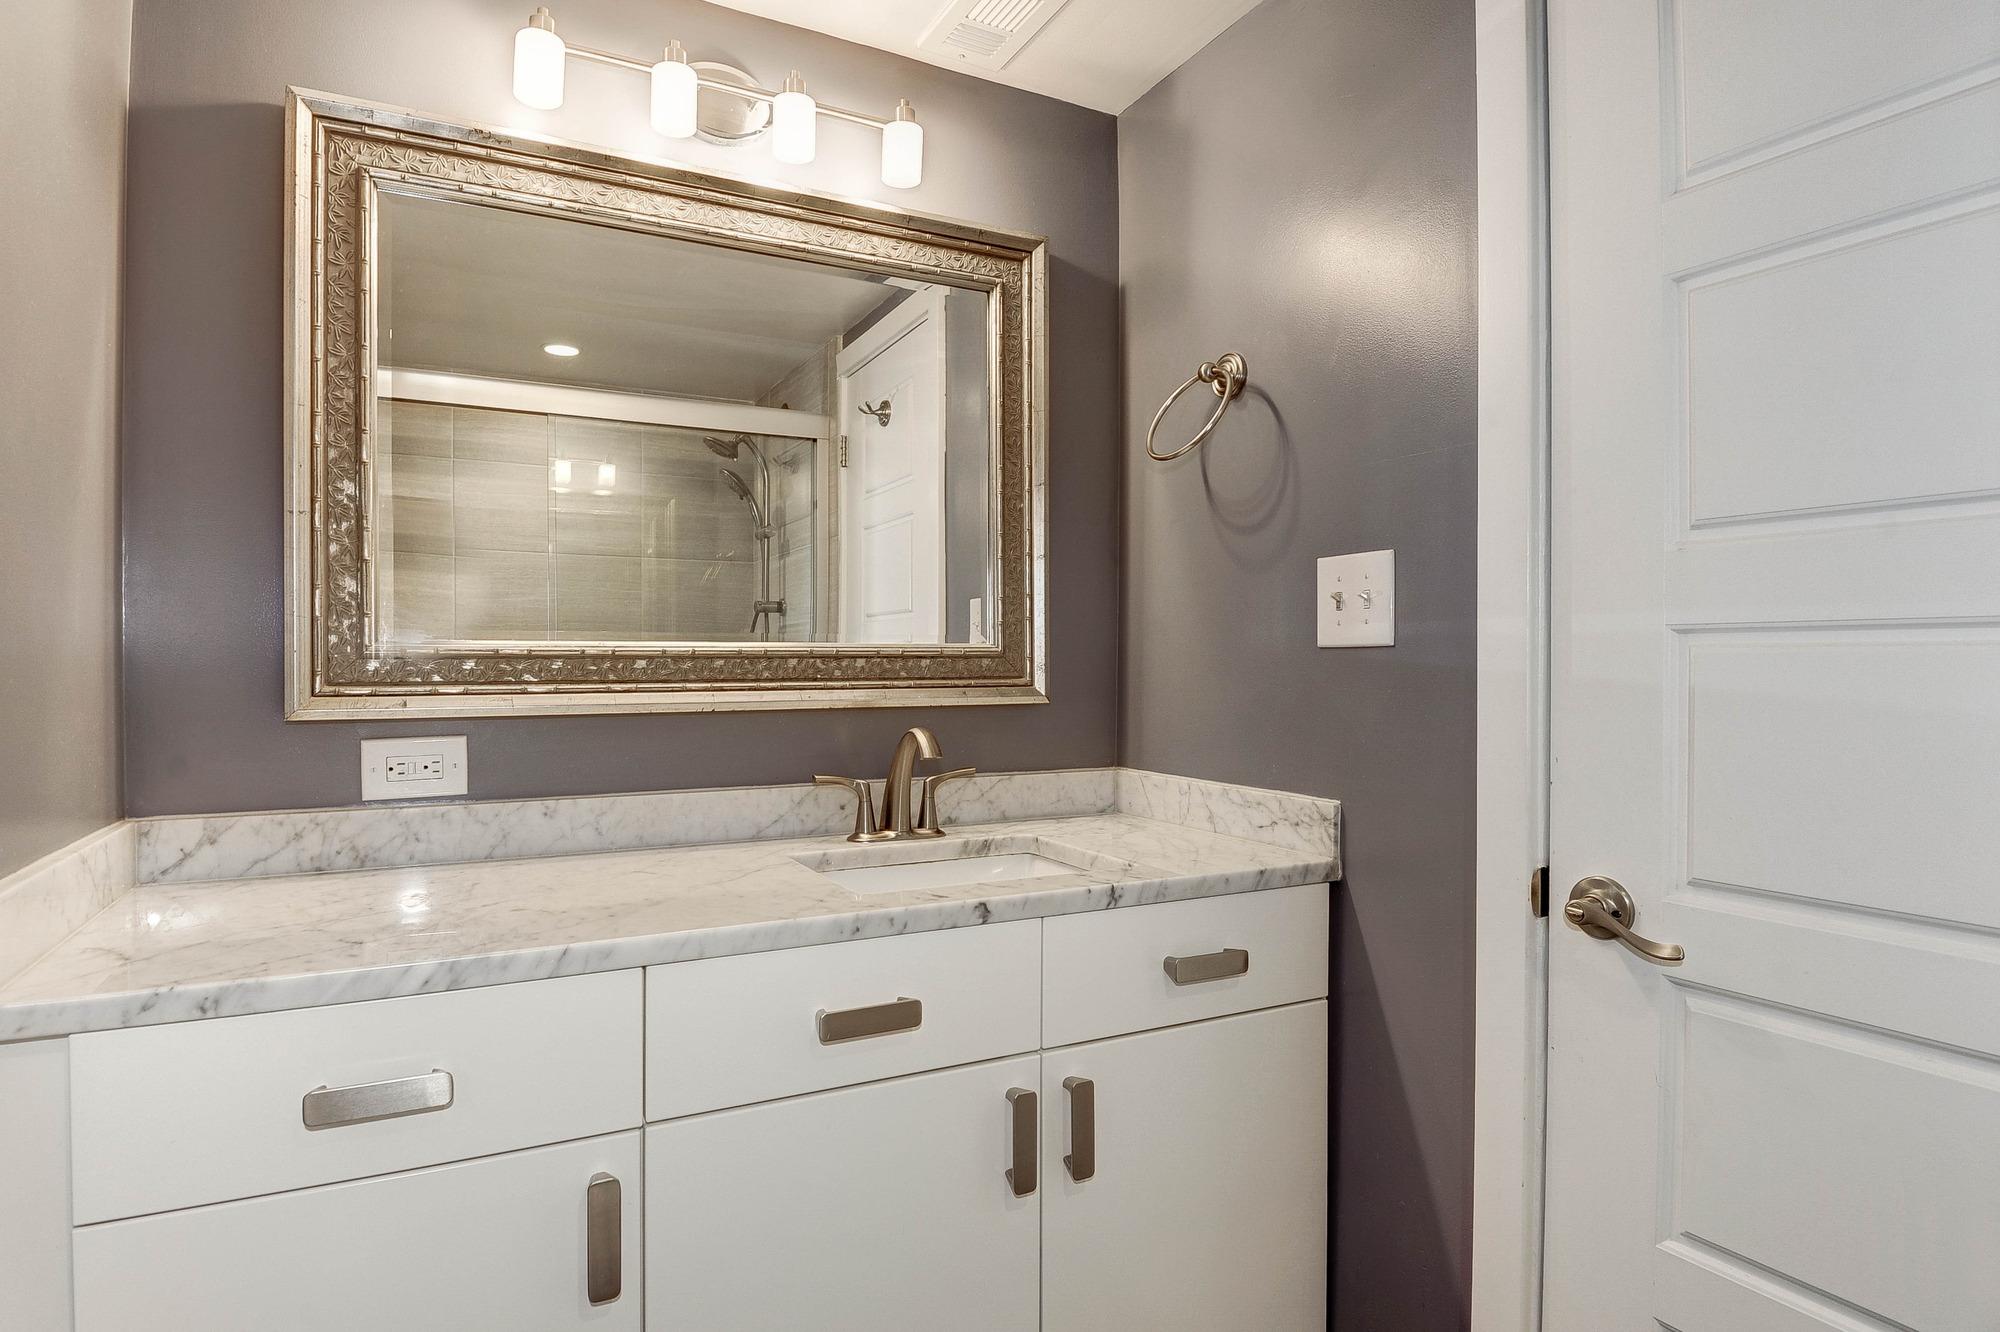 Large Granite Sink in Bathroom